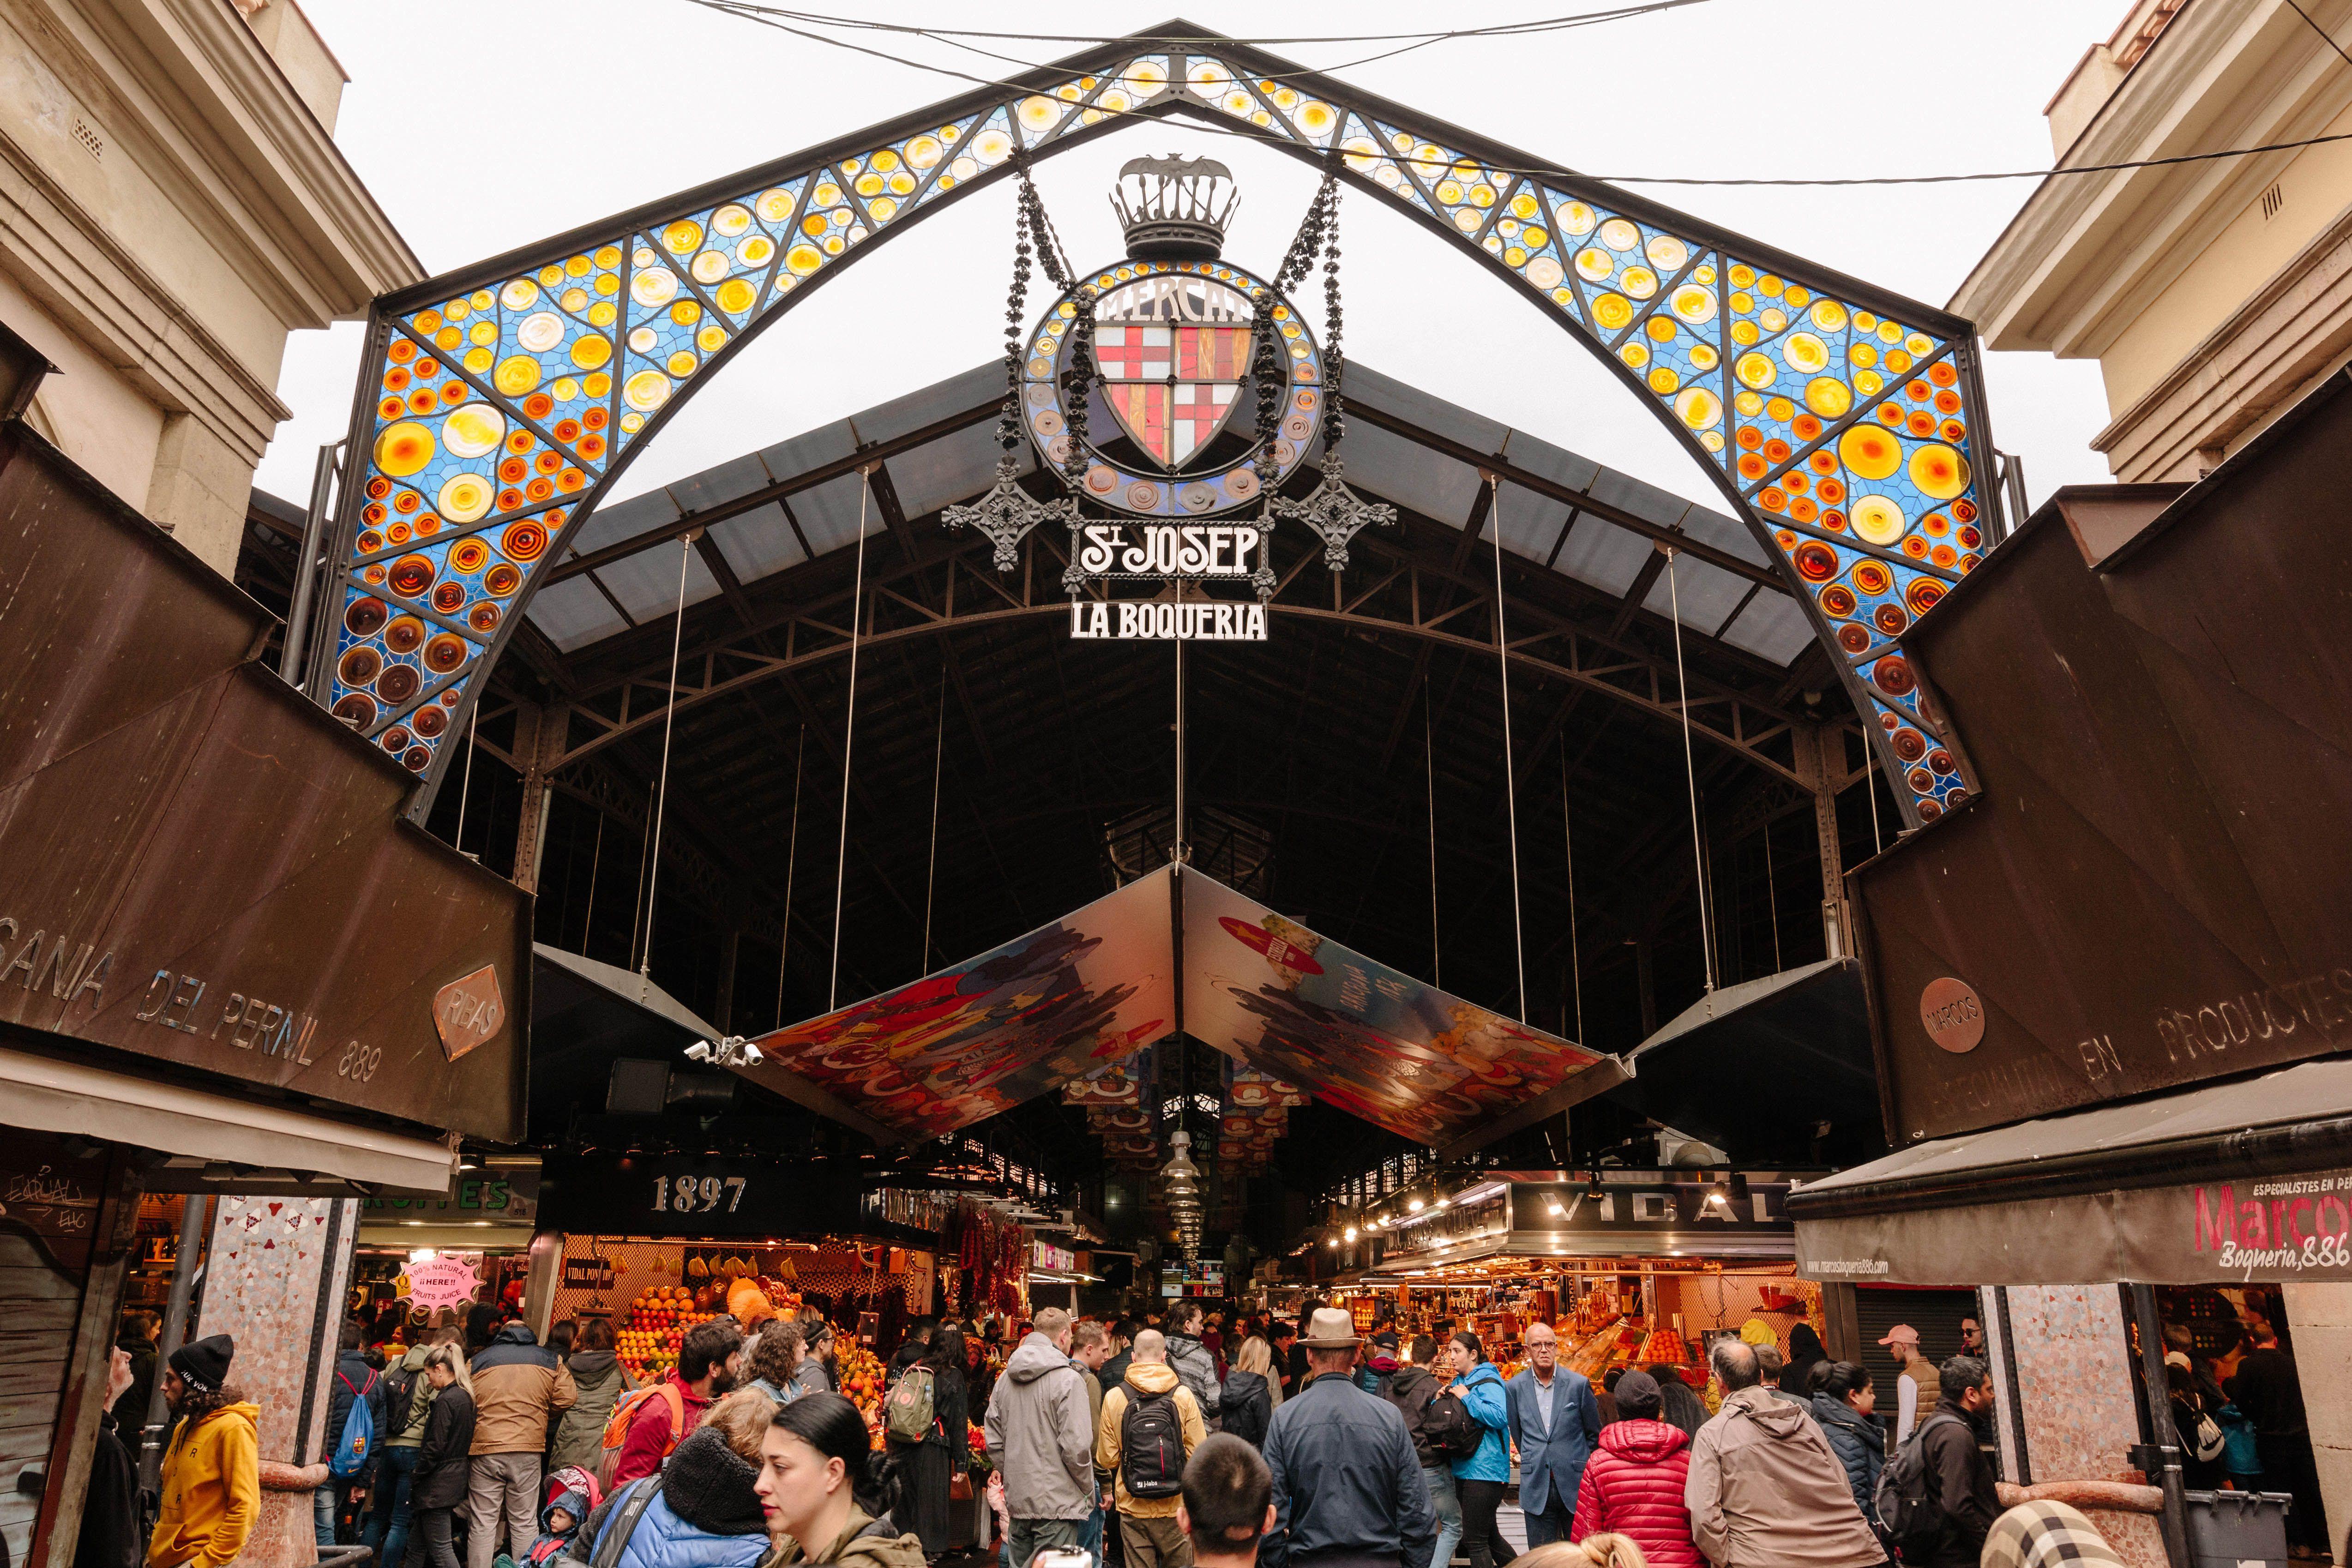 Entrance to the La Boqueria market